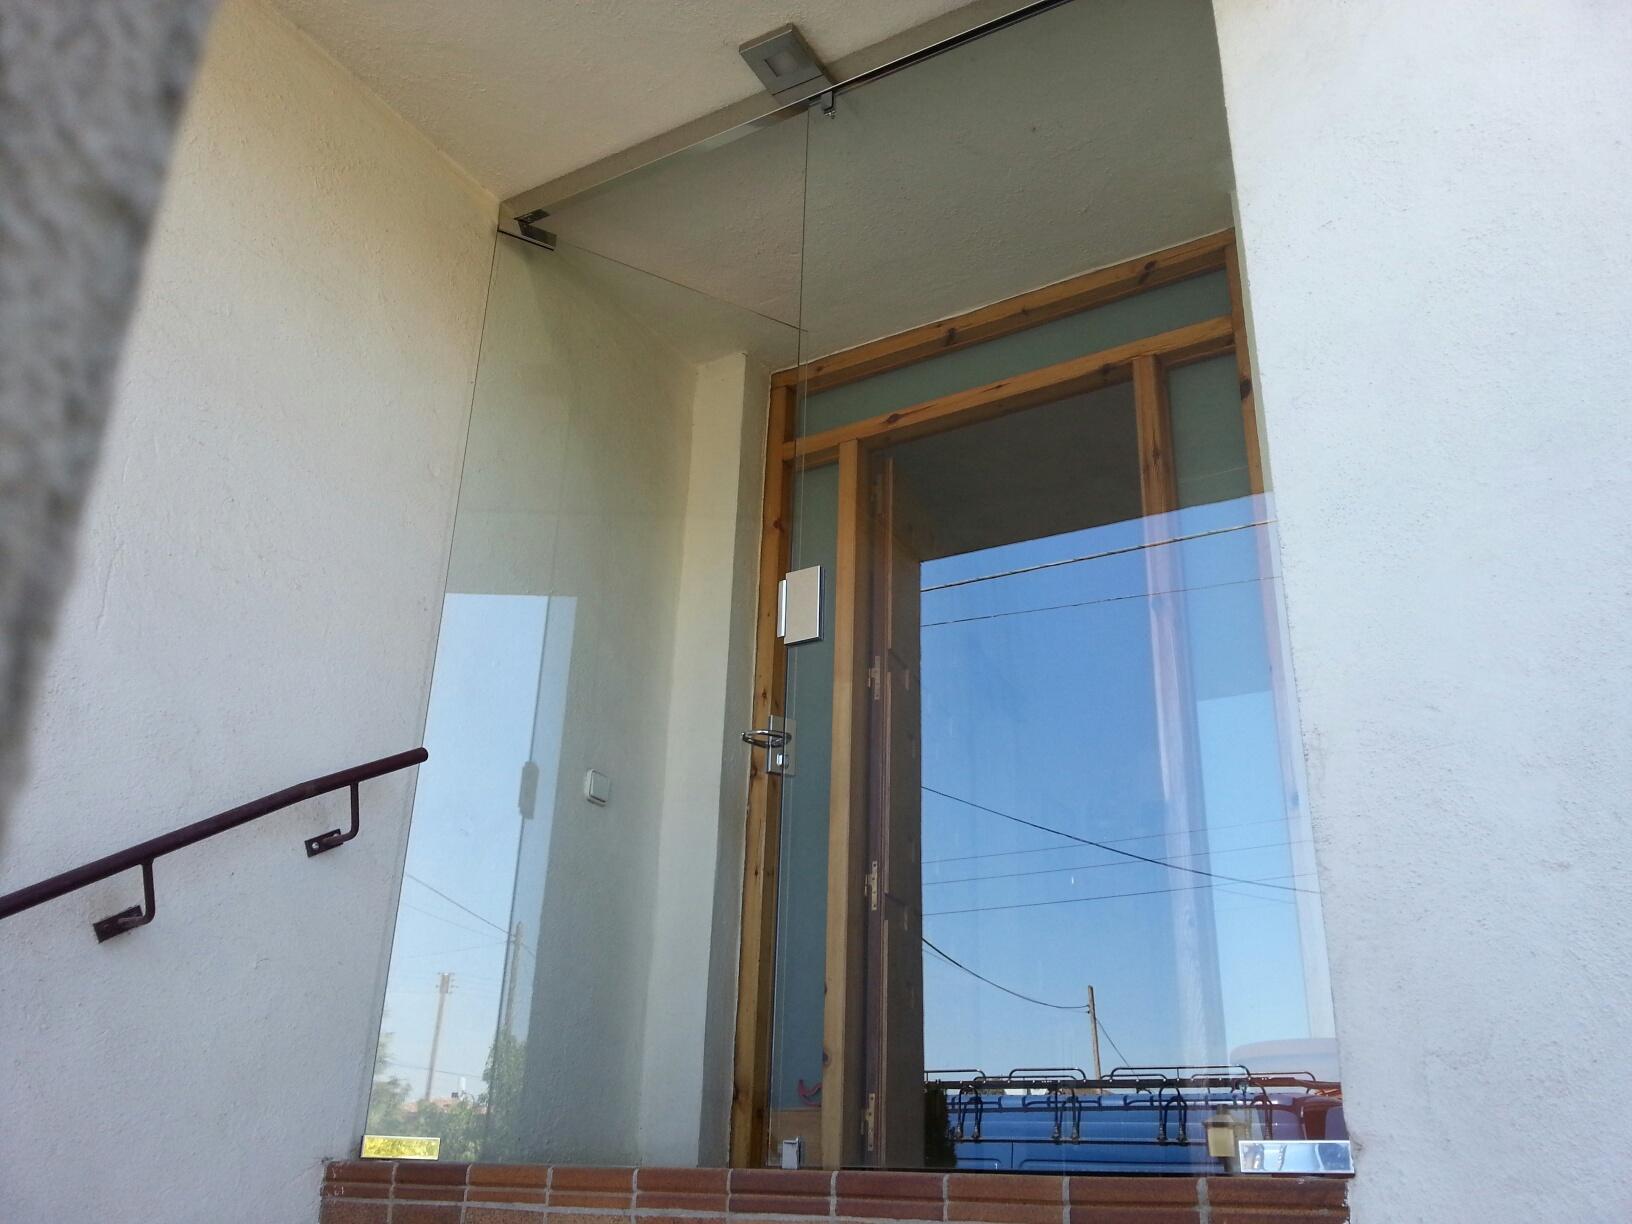 Puerta de entrada a vivienda tipo vidur con vidrio for Puertas para entrada